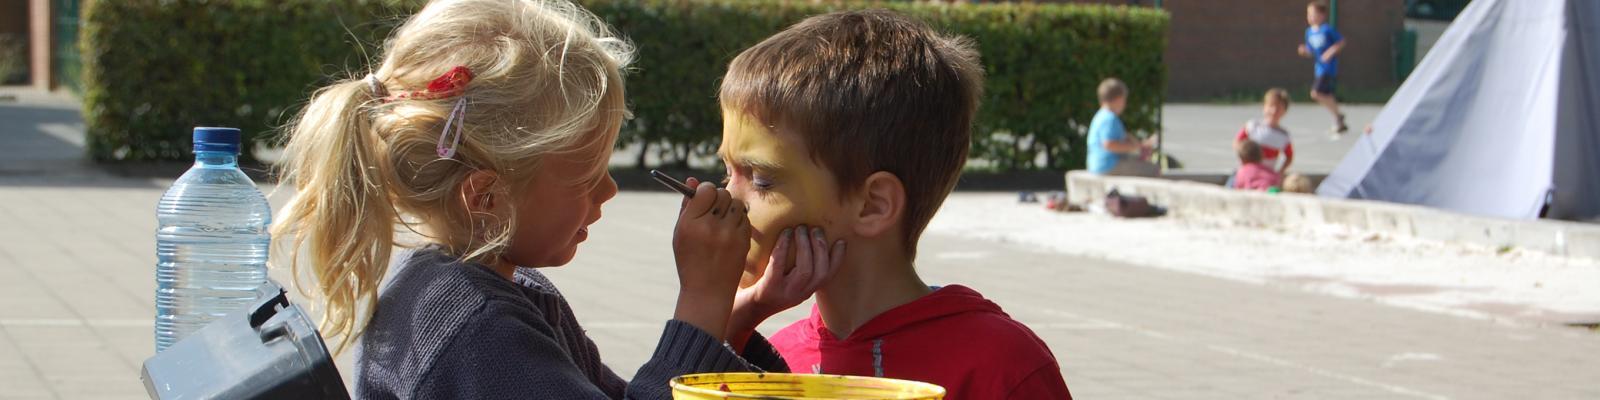 twee kinderen schminken elkaar